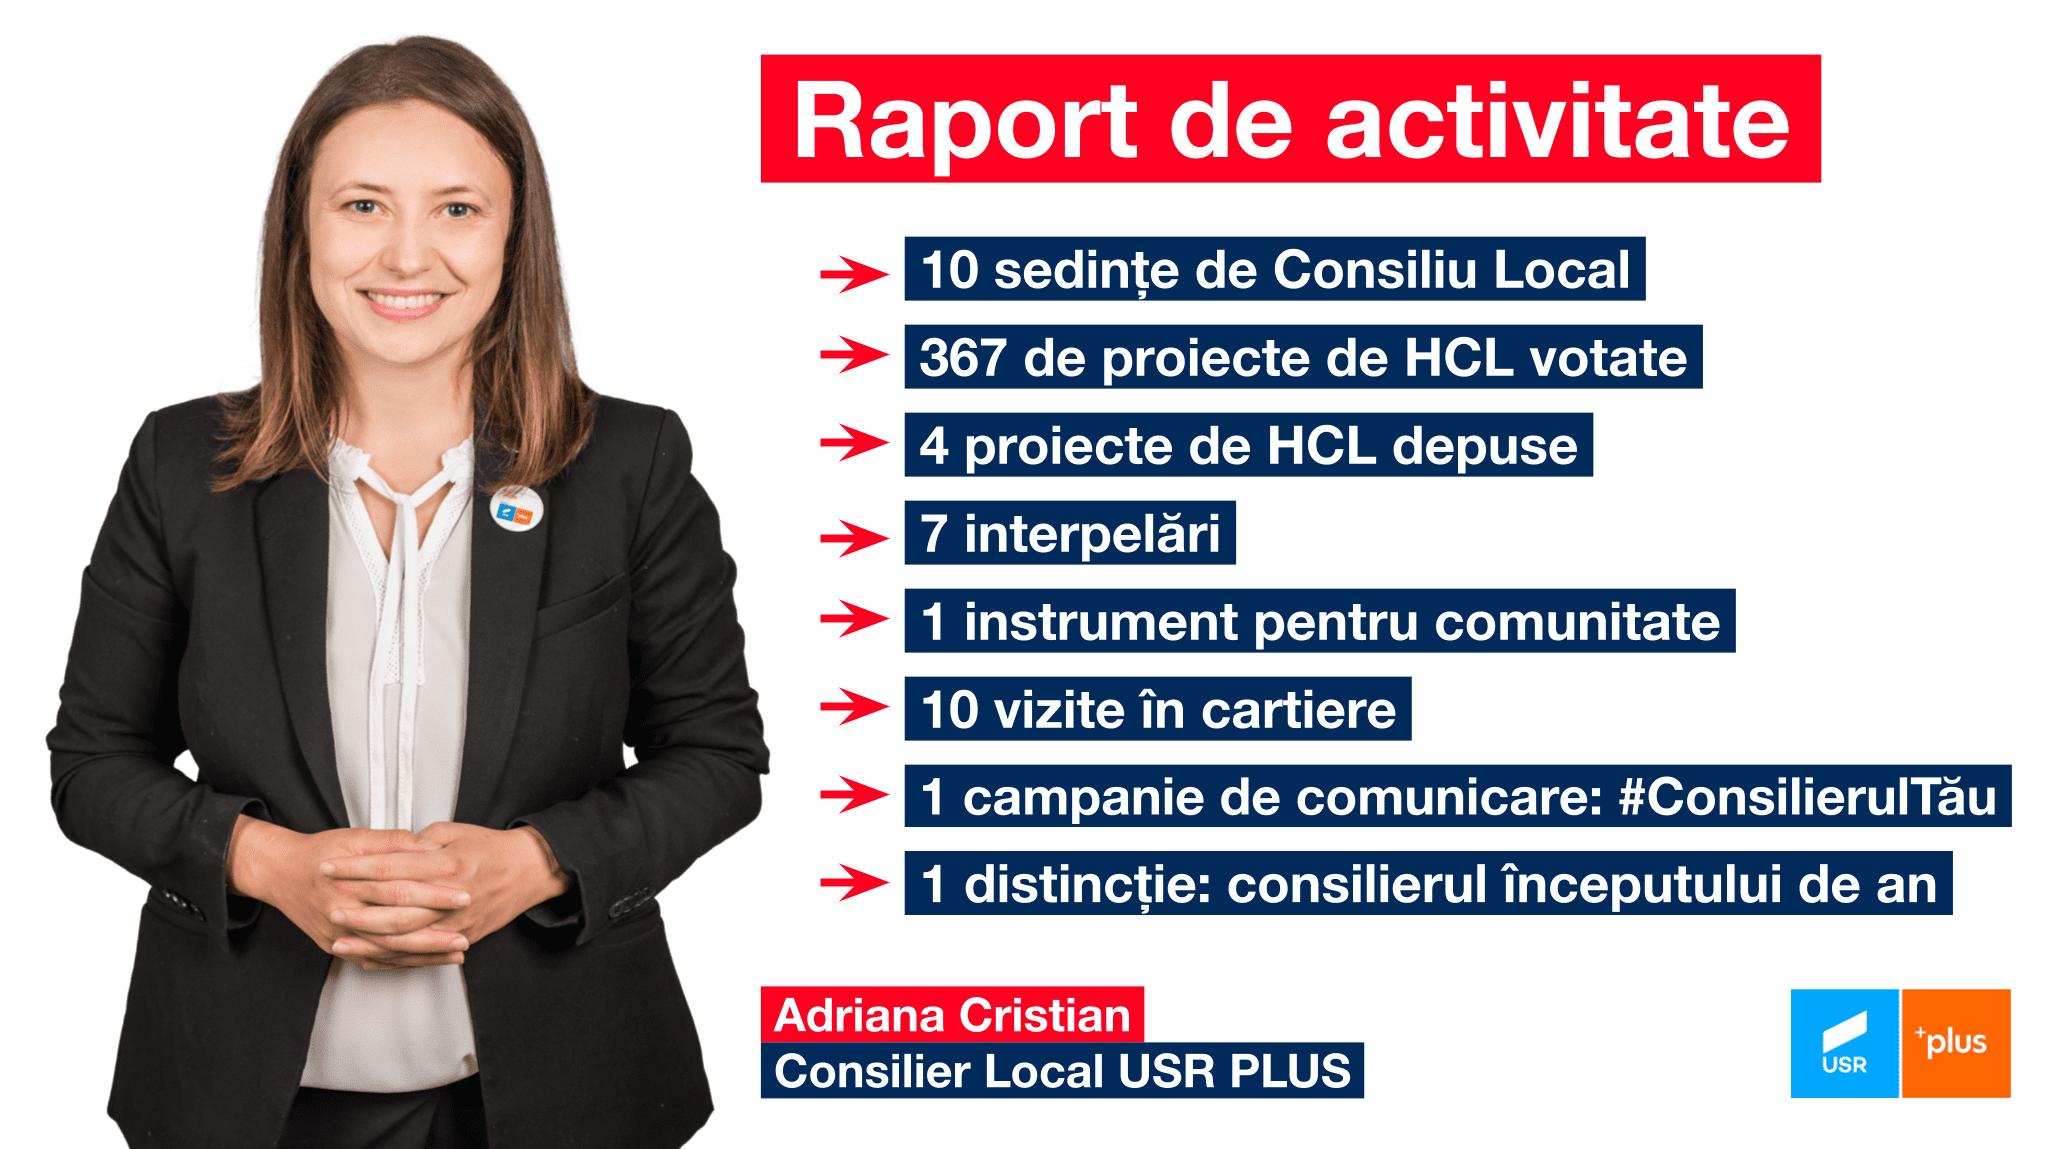 Raport de activitate – Adriana Cristian